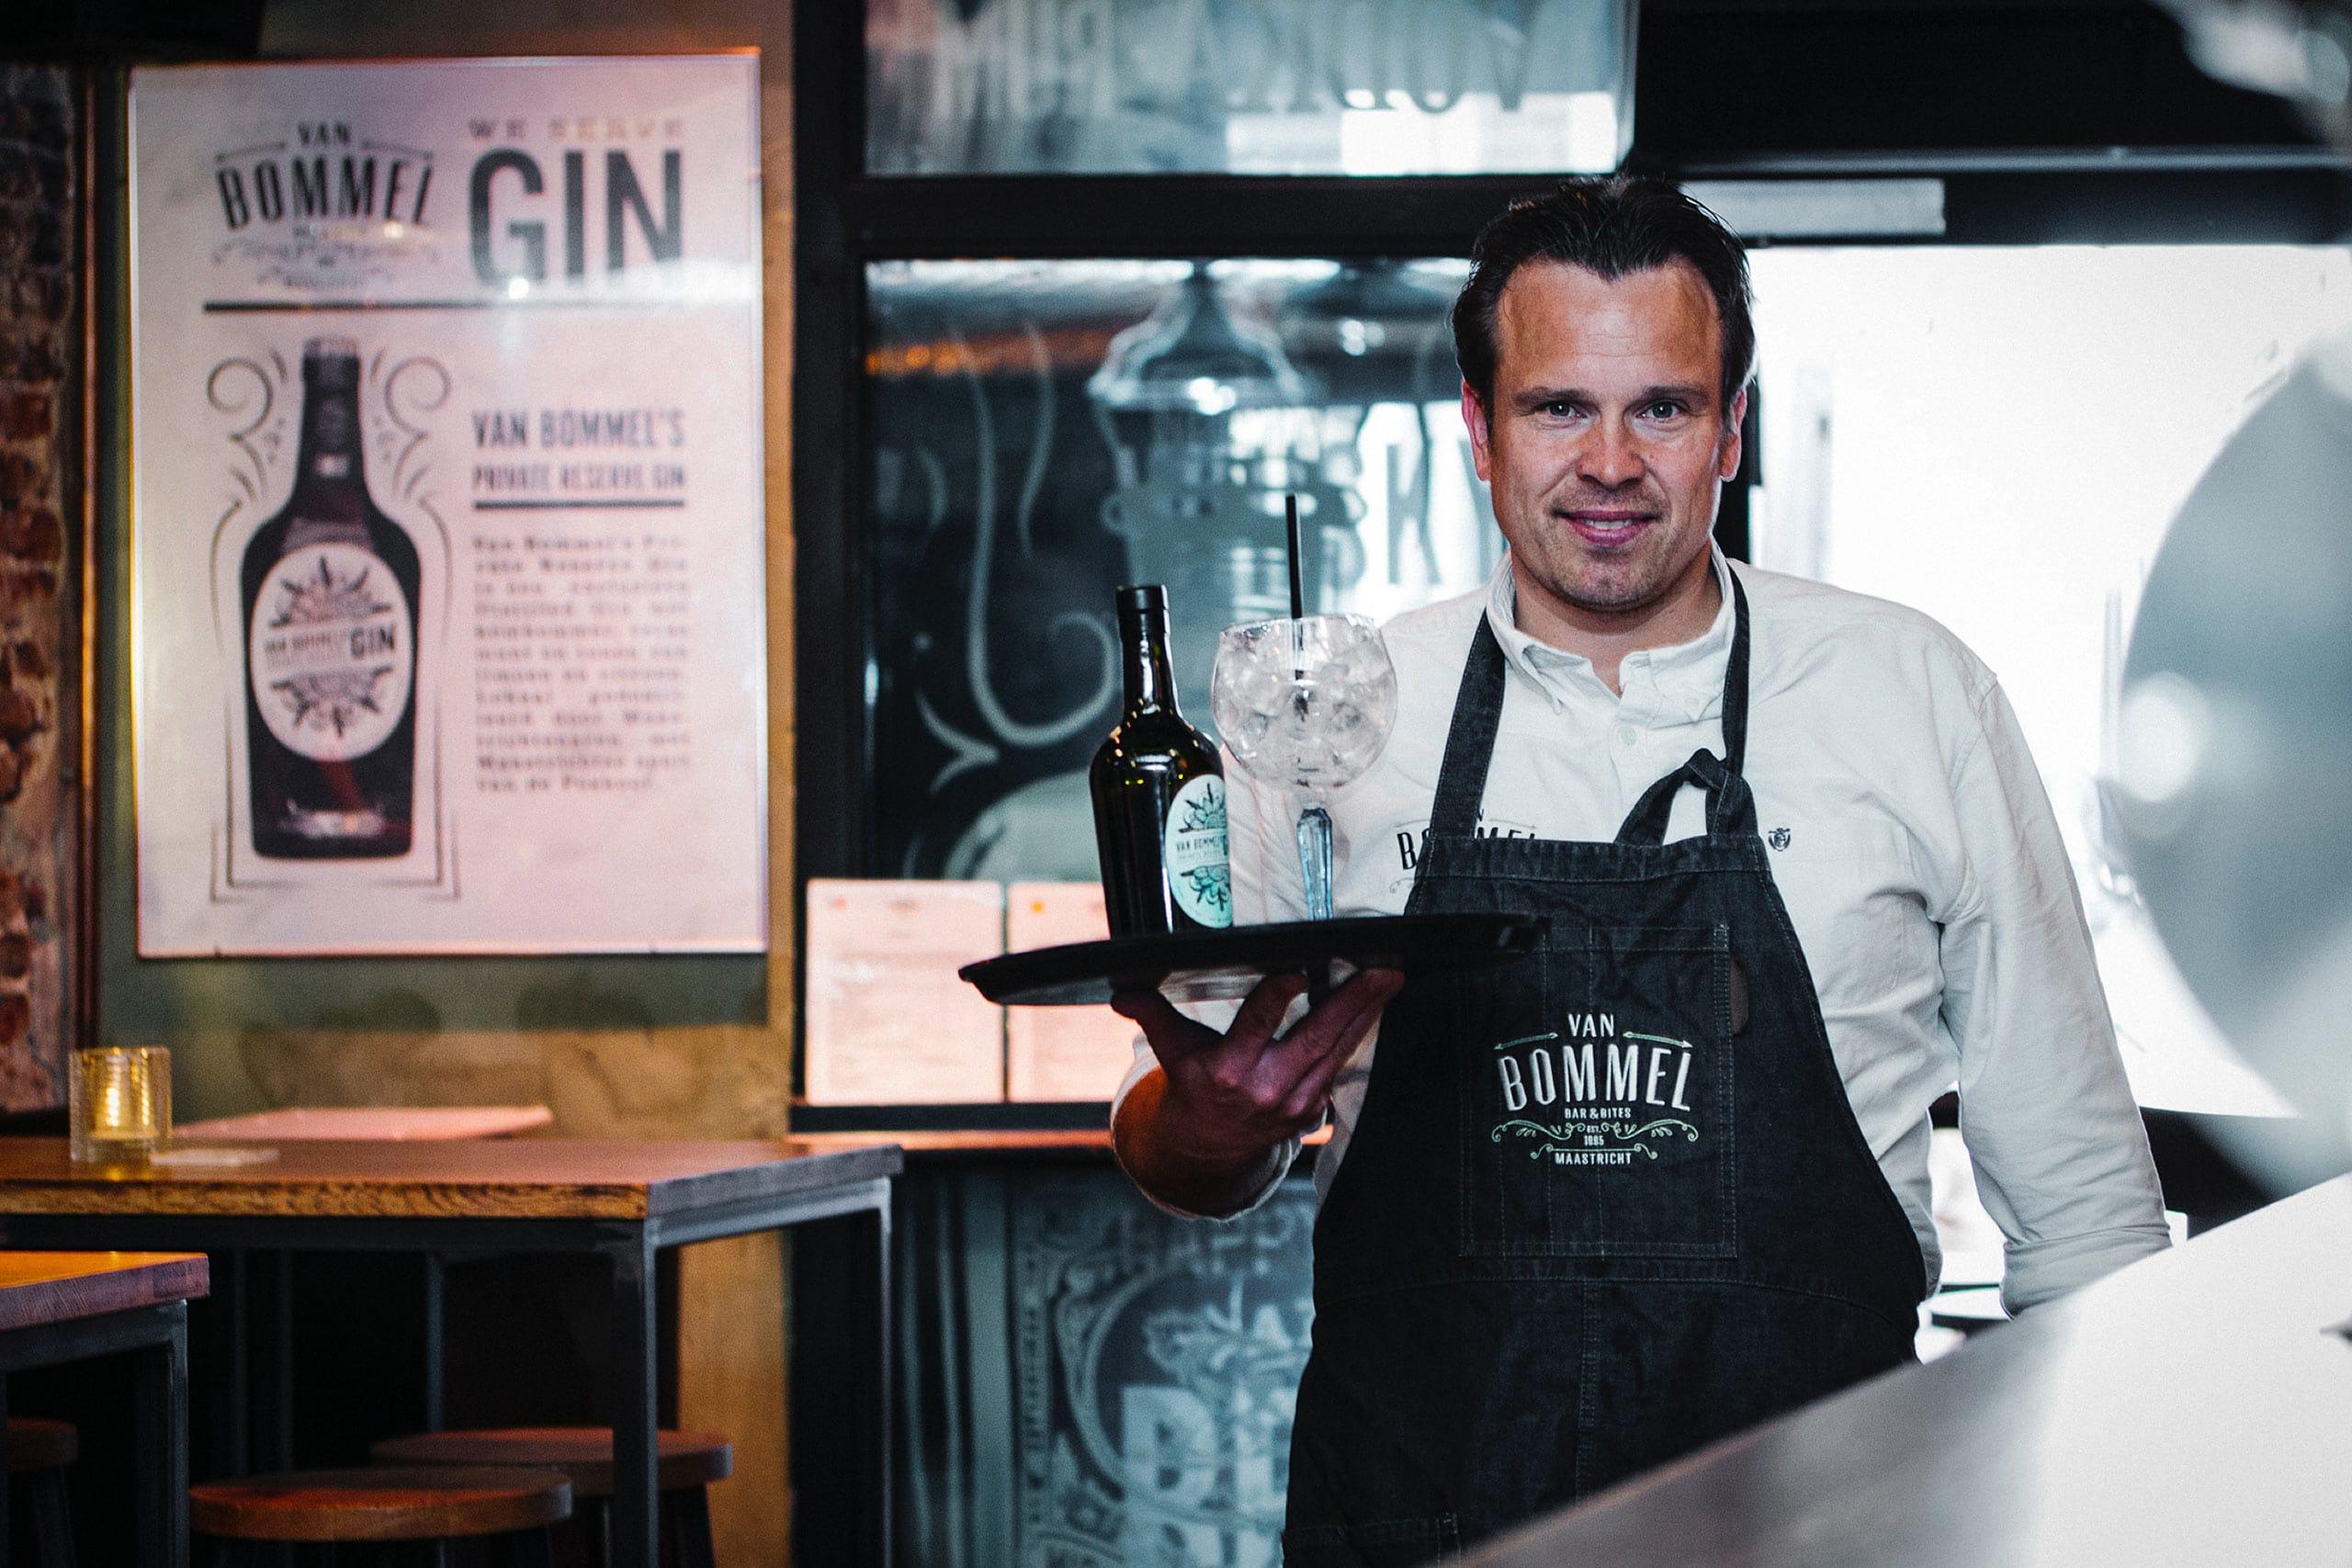 Van Bommel's Private reserve Gin ontworpen door Saus